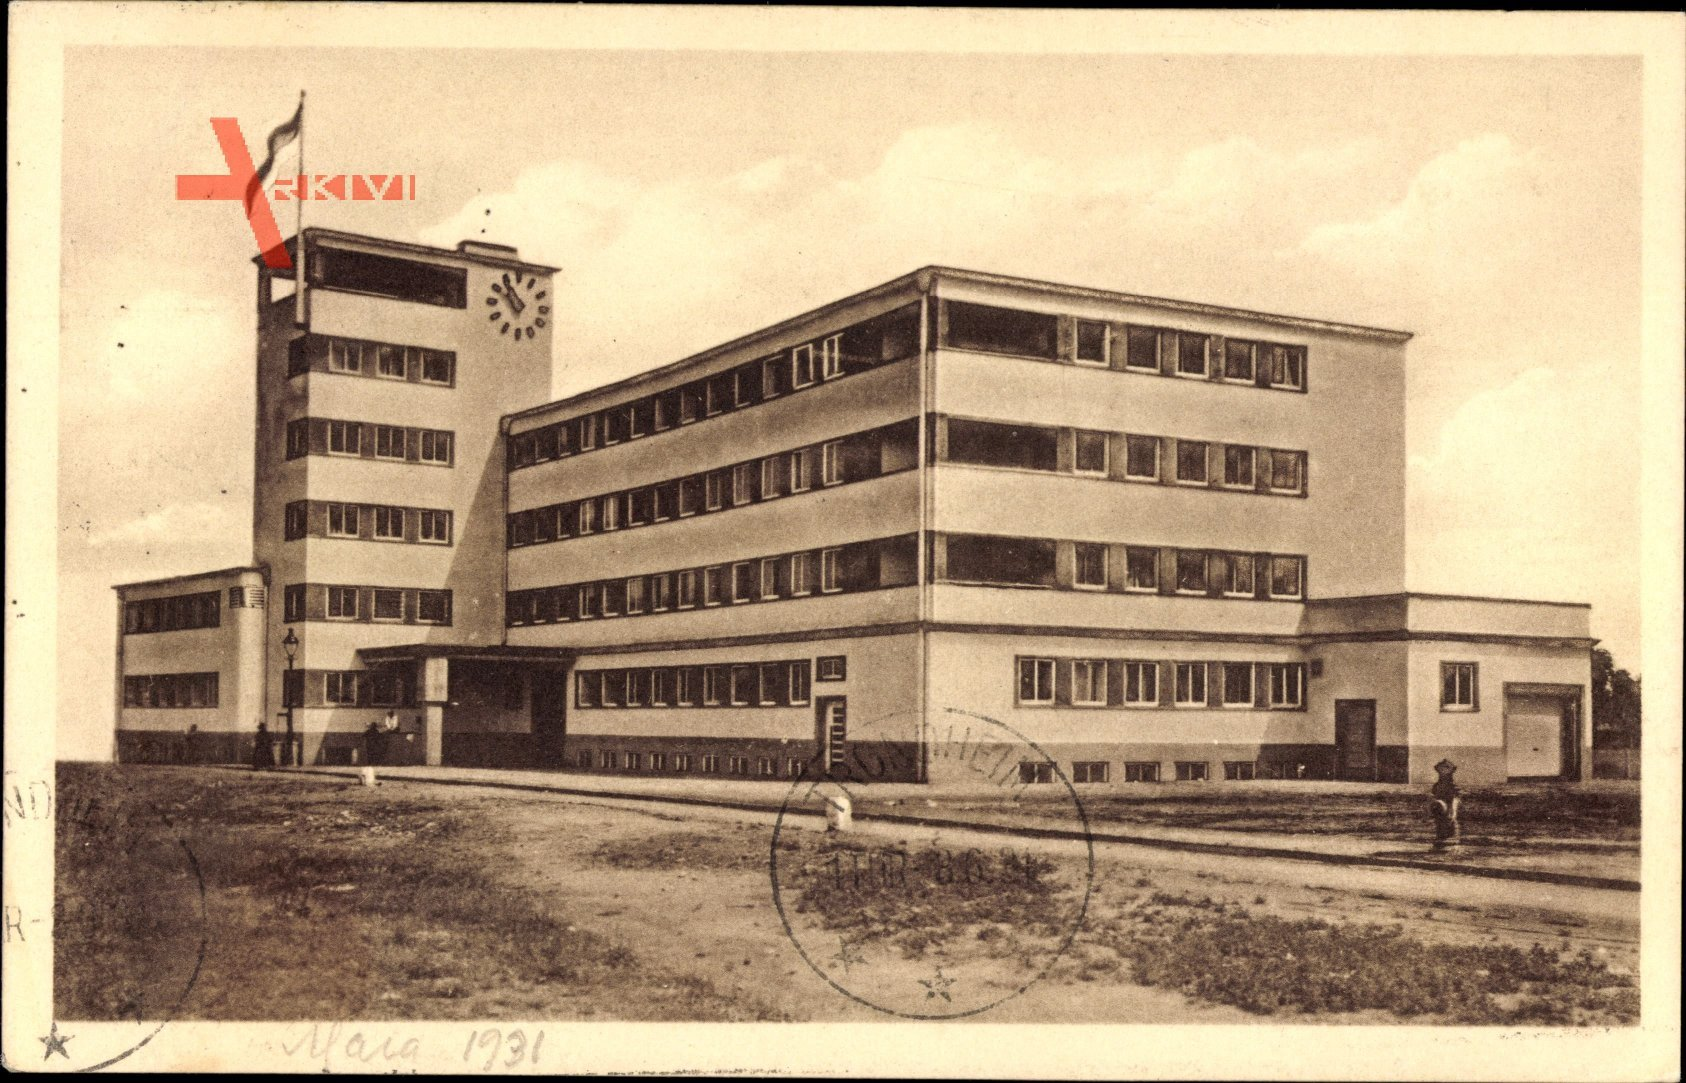 Frankfurt am Main, Haus der Jugend, Hansa Allee 150, Großjugendherberge